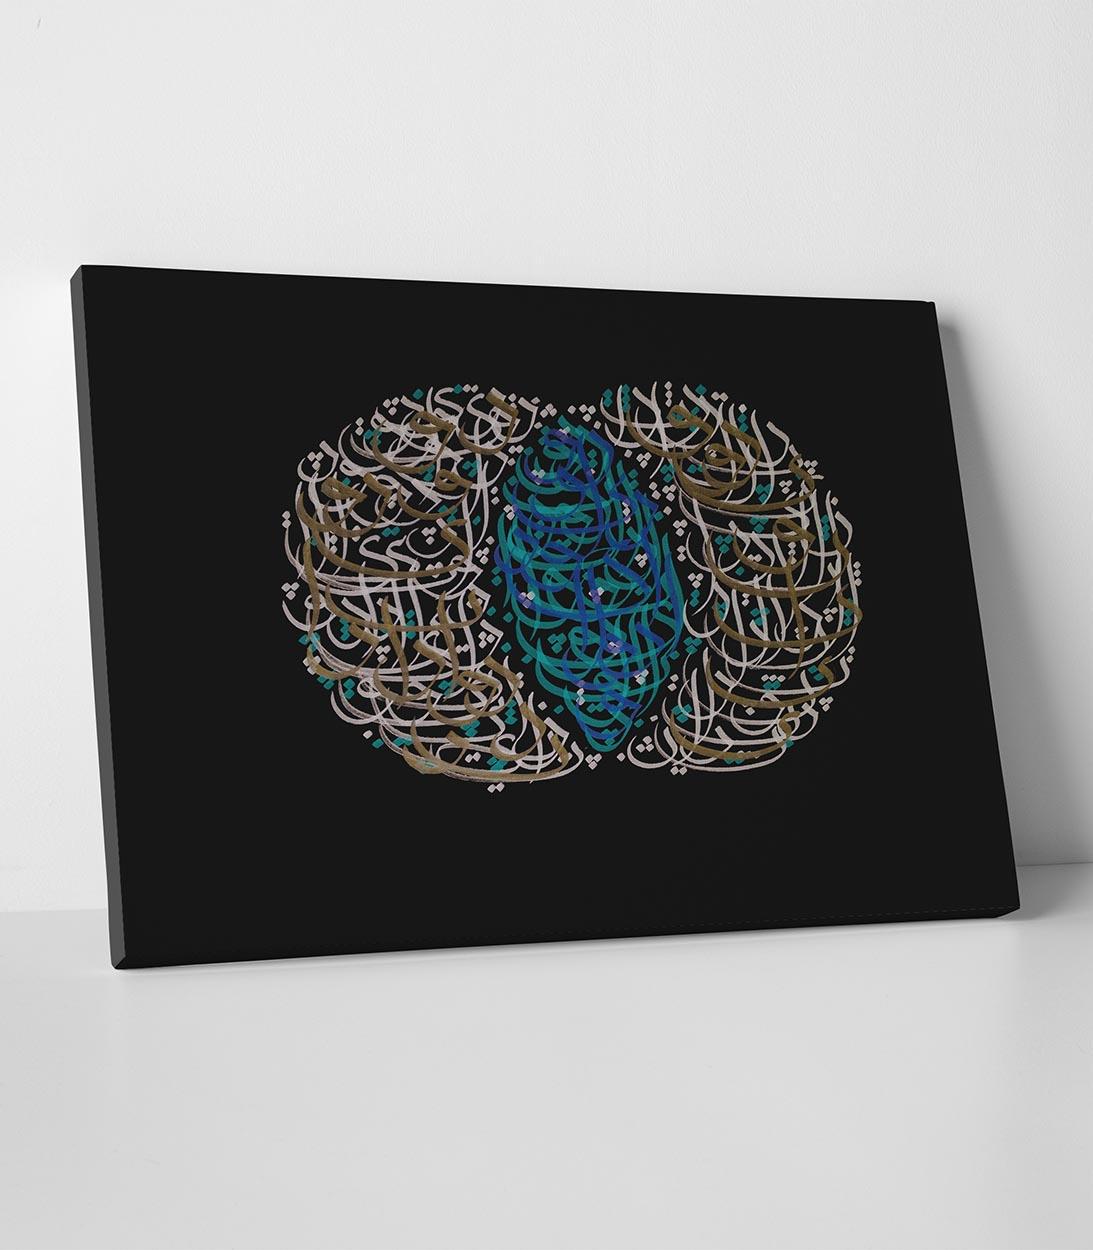 hat sanati kanvas tablolar 80 <p>Hat Sanatı İslami Kanvas Tablo</p>